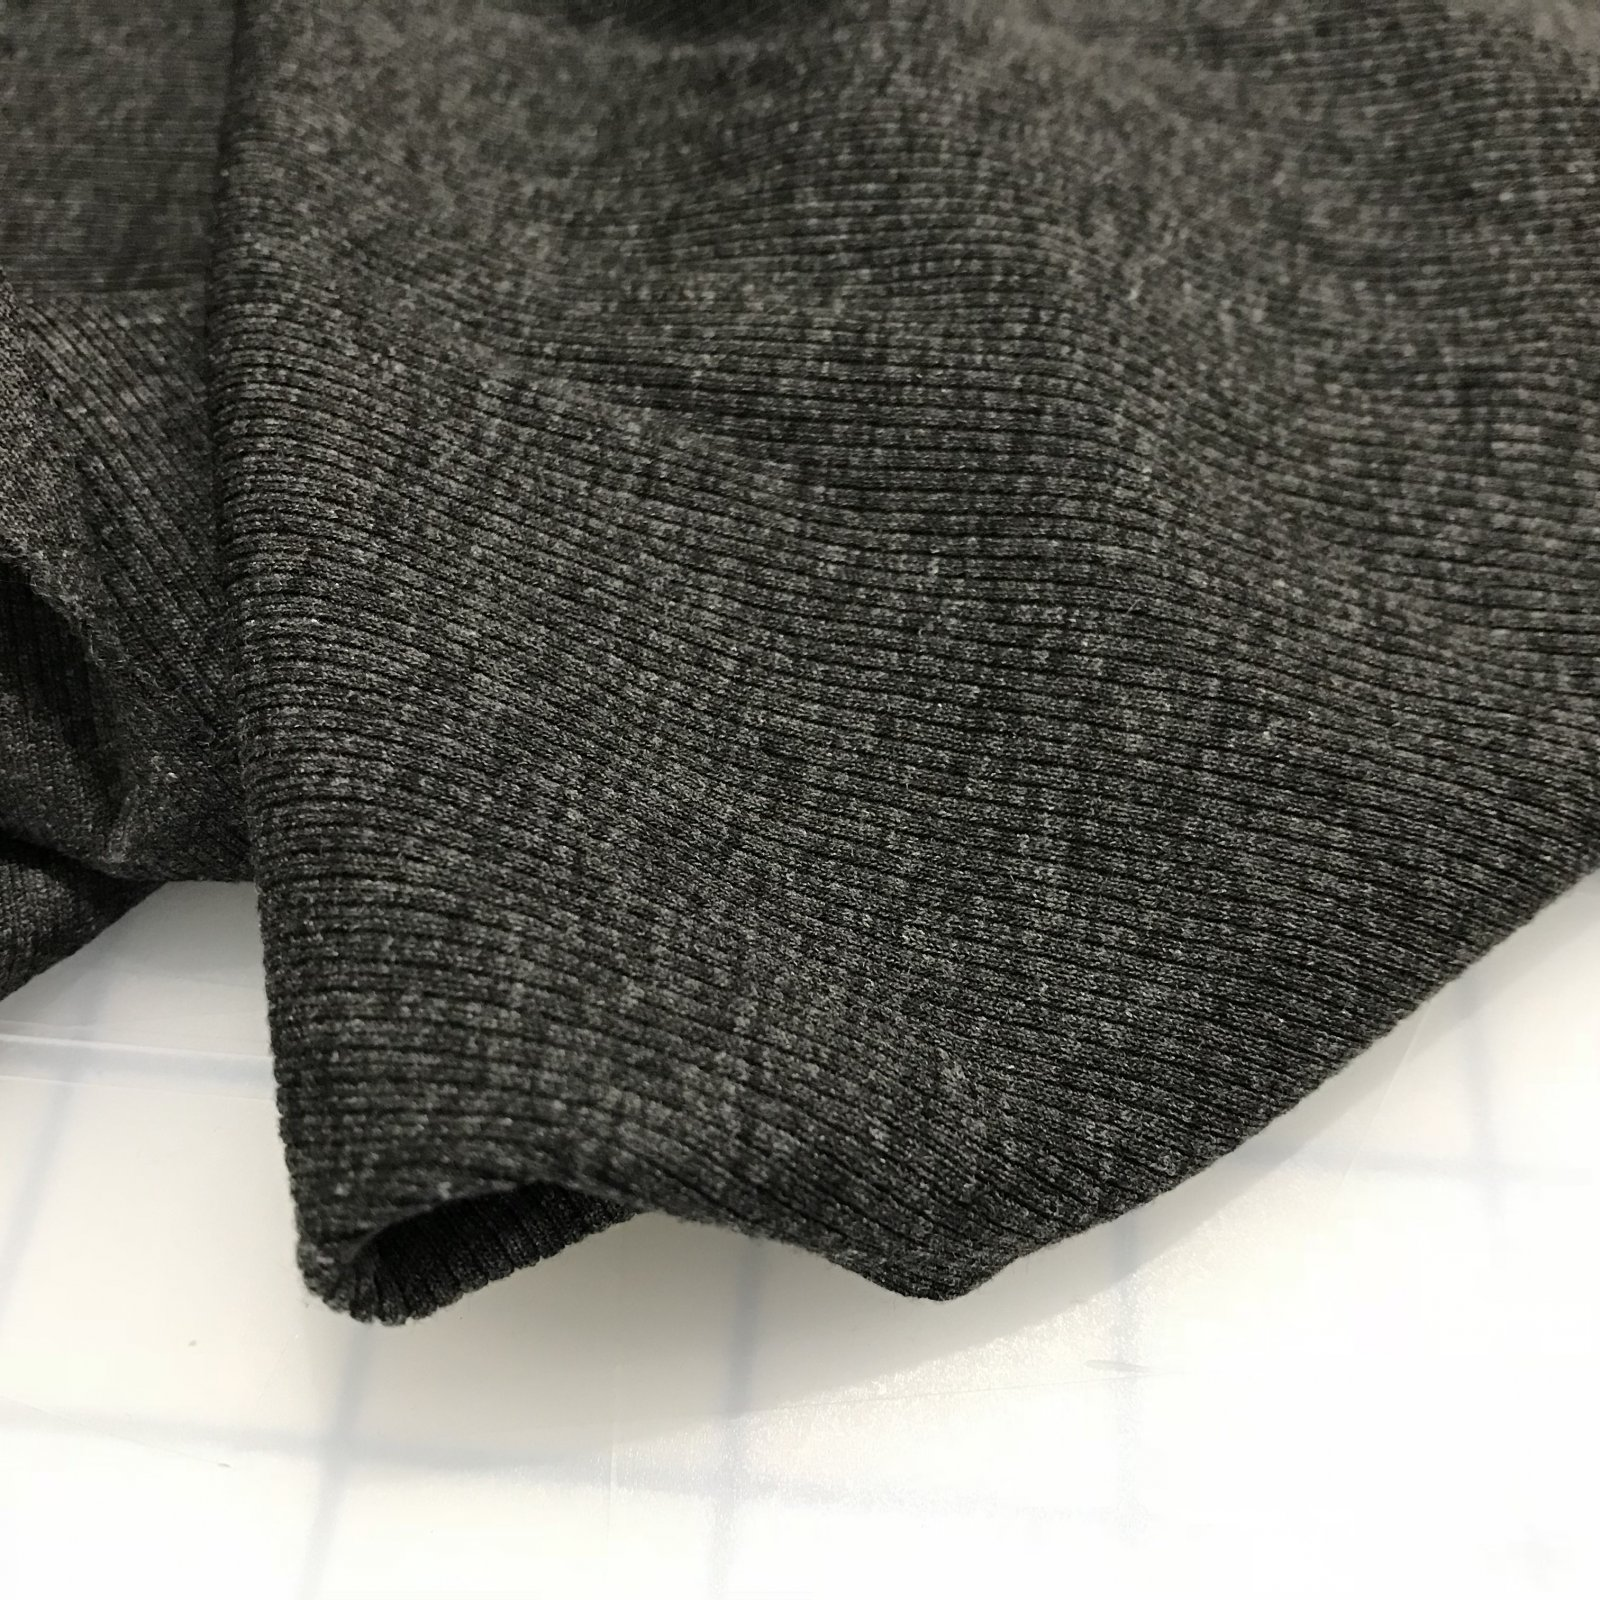 Rib Knit -  2 X 1 - Charcoal